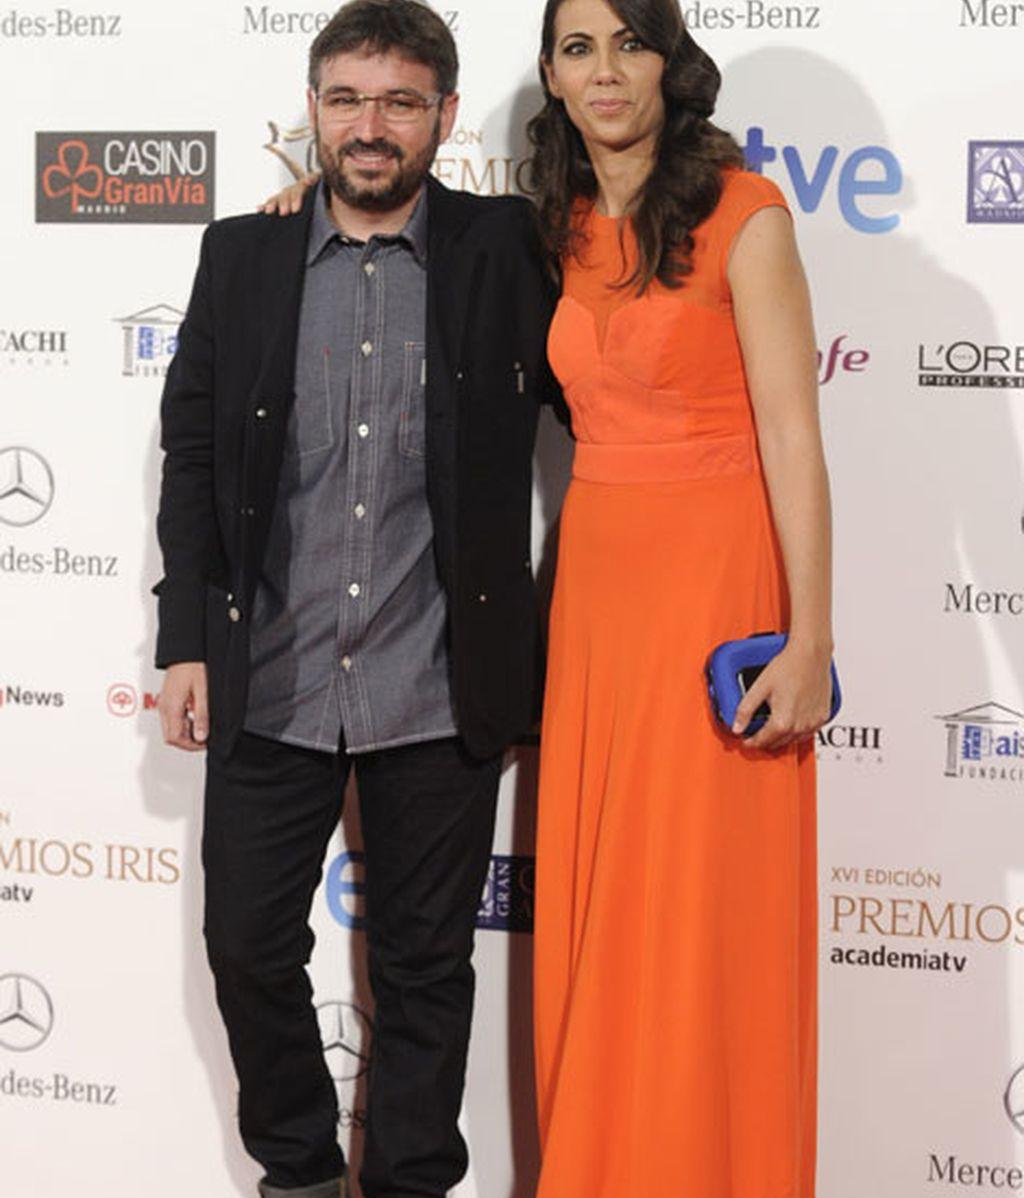 Los periodistas Jordi Évole y Ana Pastor